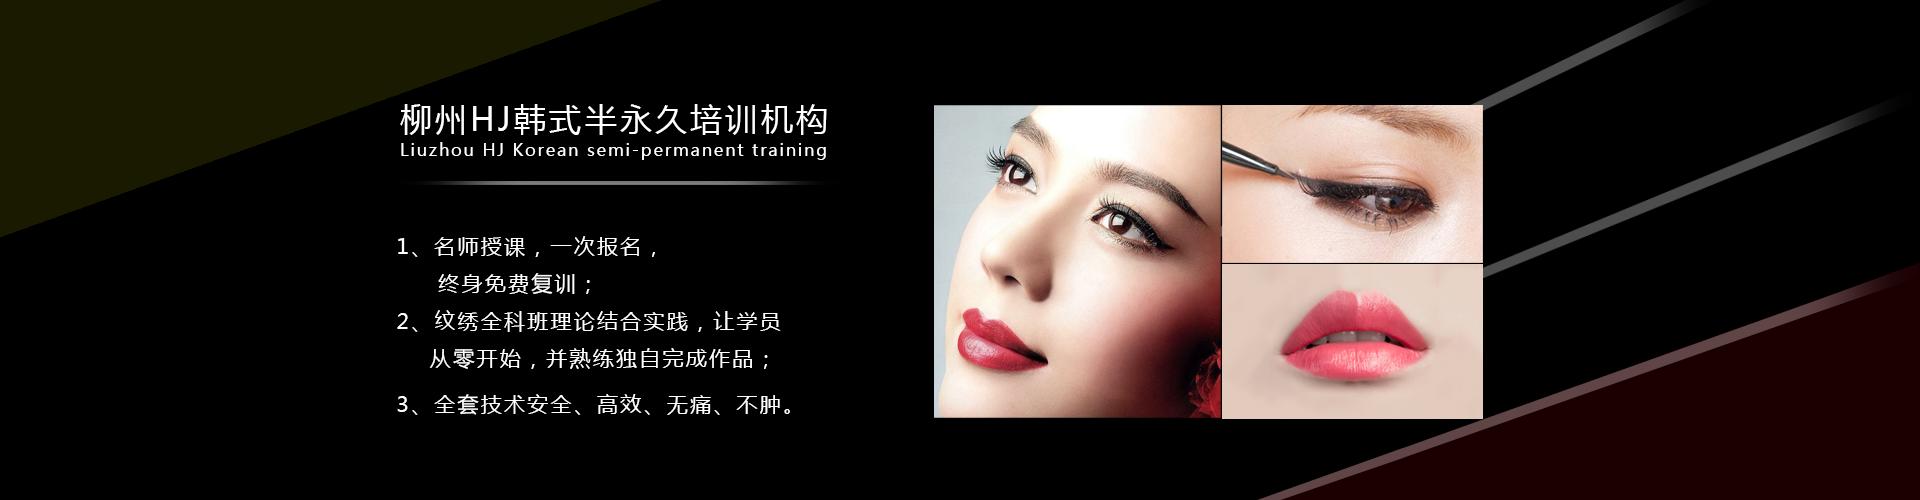 柳州韩式定妆培训